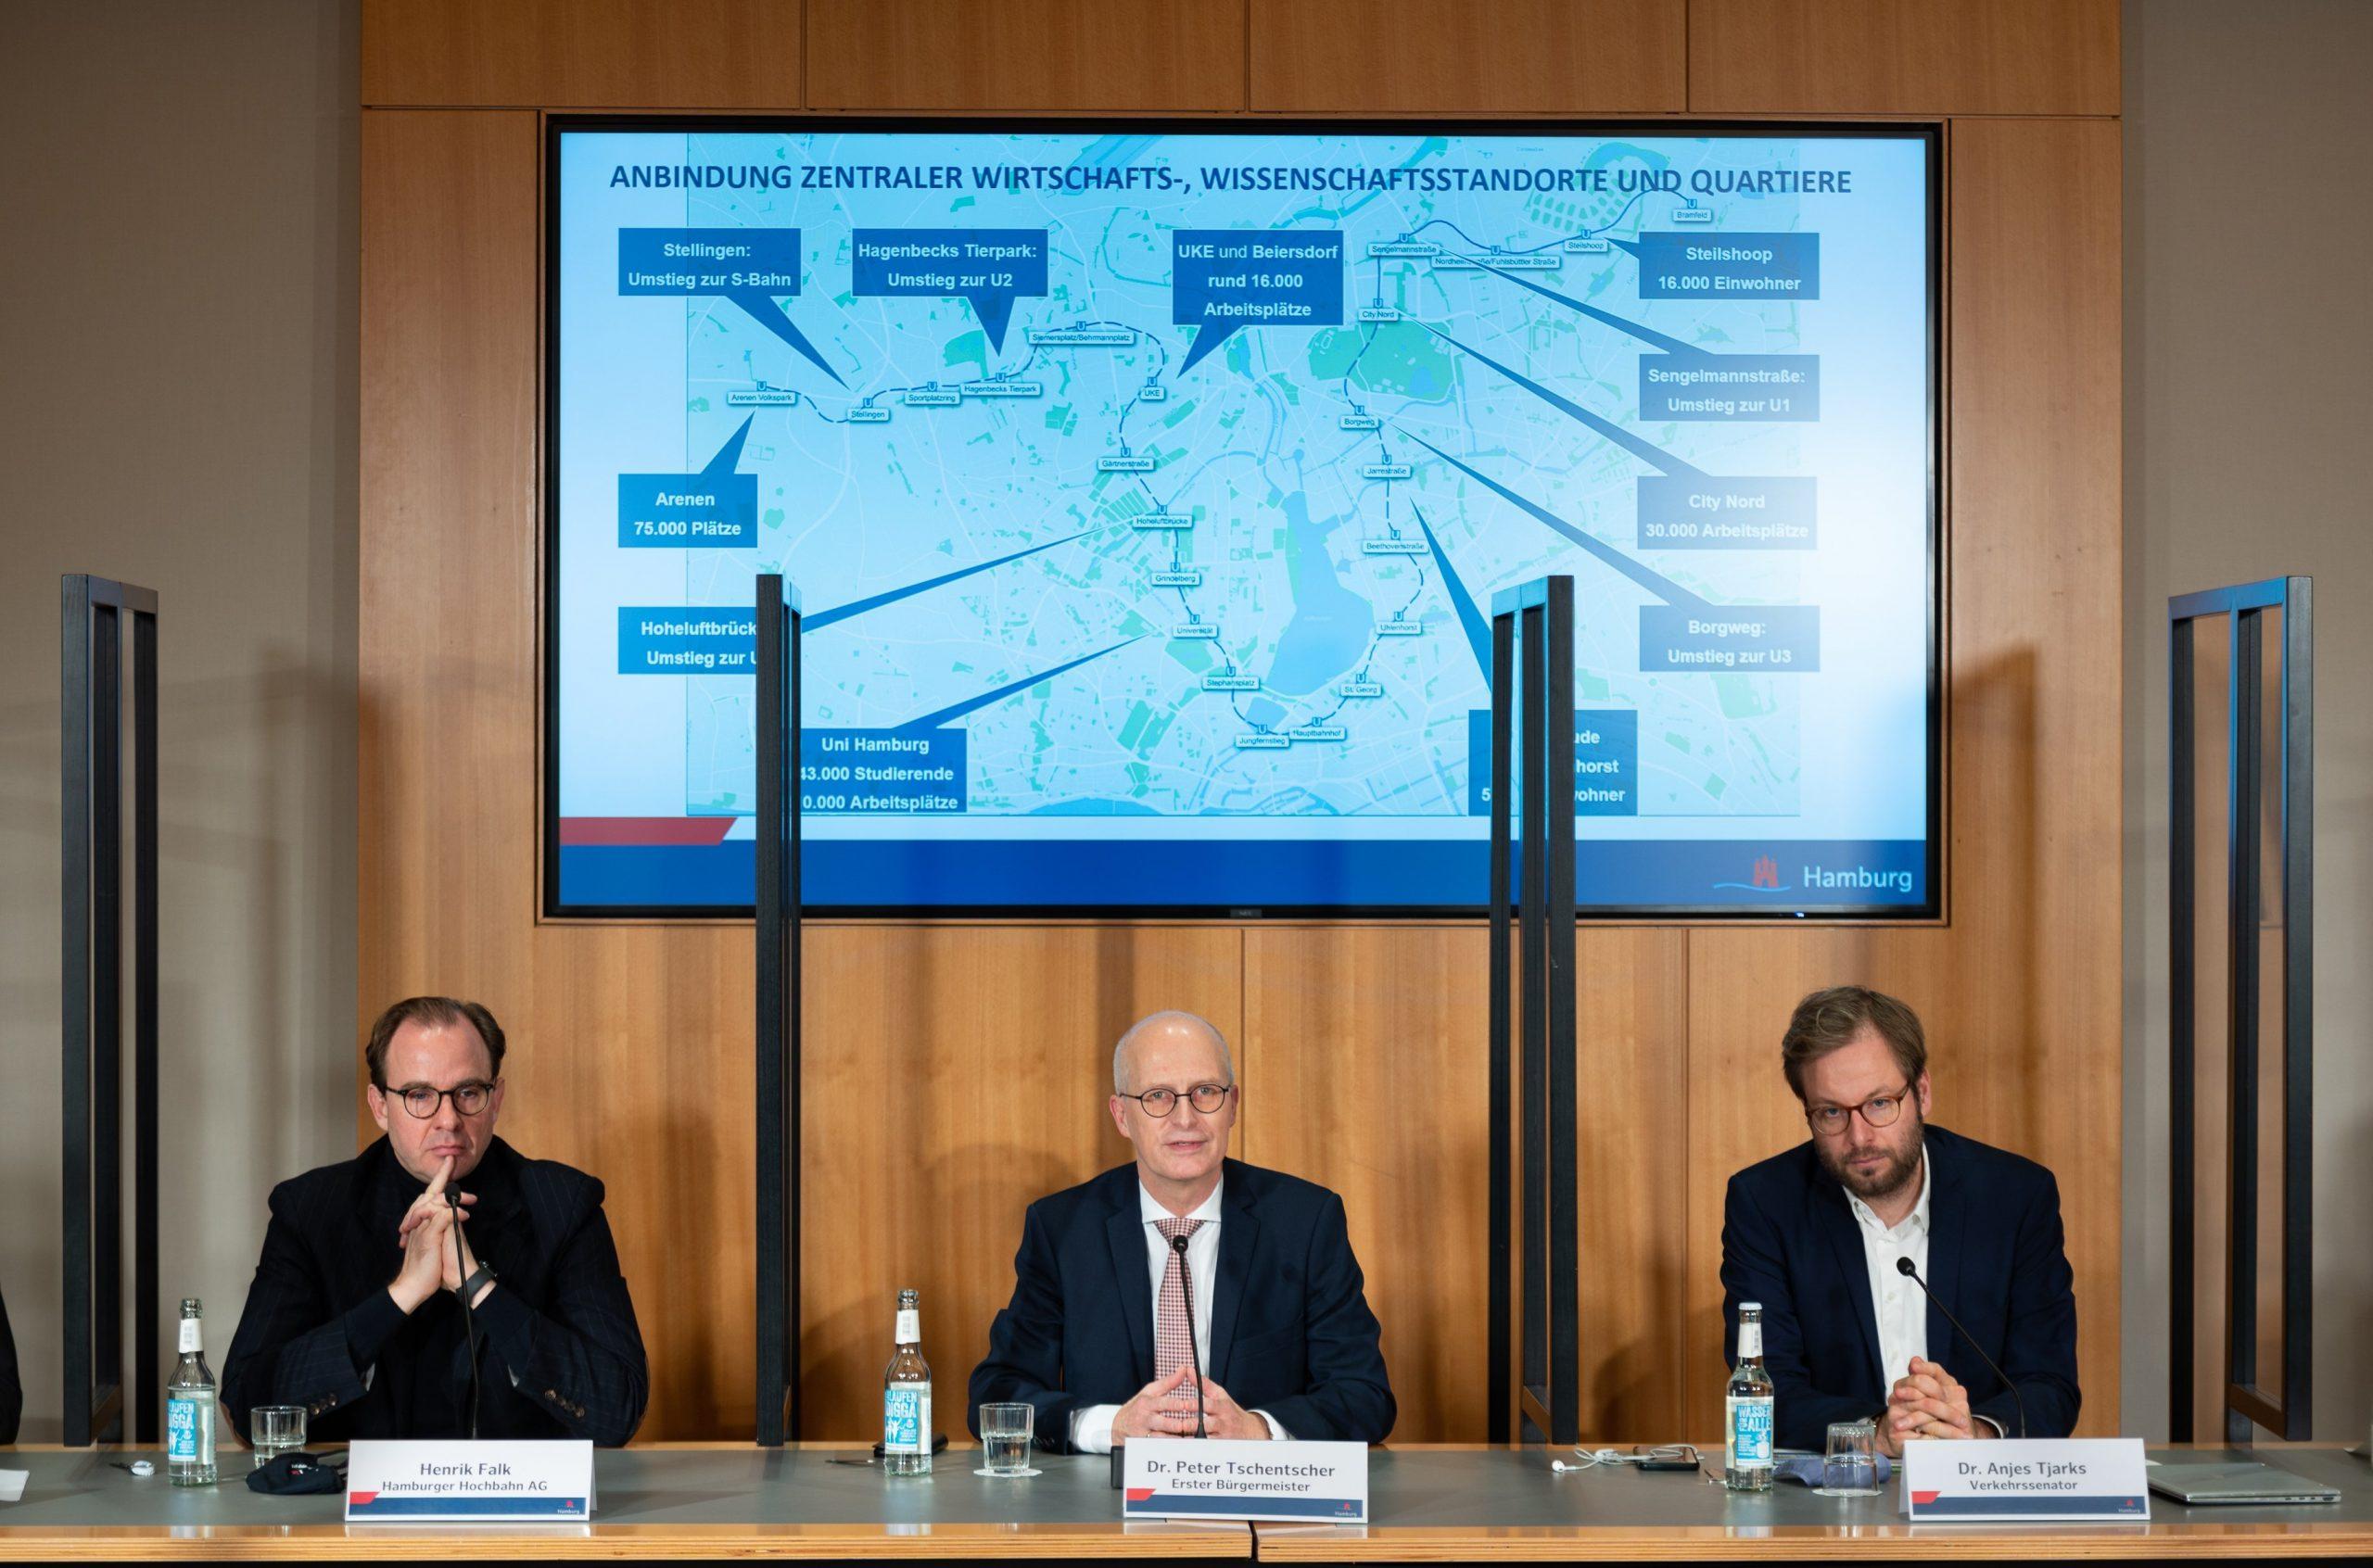 Henrik Falk (Hochbahn), Peter Tschentscher (SPD) und Anjes Tjarks (Grüne) bei der Vorstellung der Streckenführung der geplanten U5